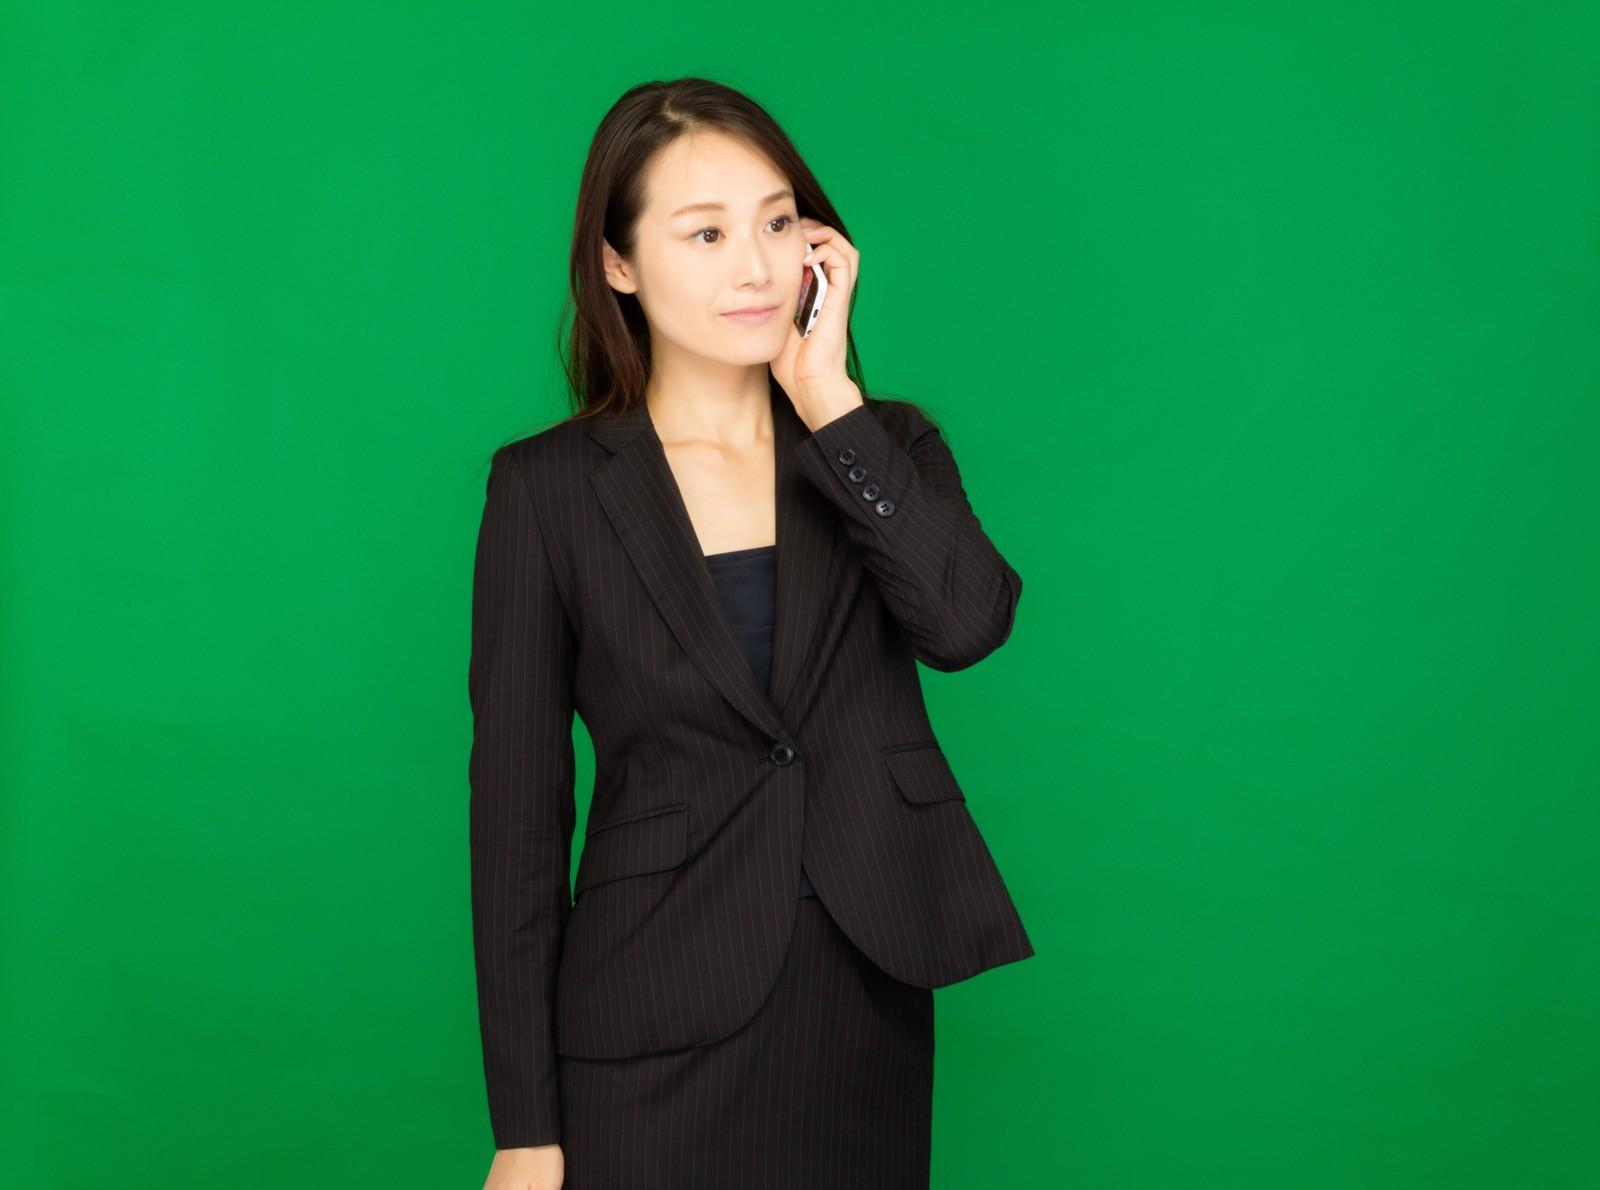 仕事を辞めたい女性は絶対に転職するべき!転職で良かったと感じた人はこんなに多い!